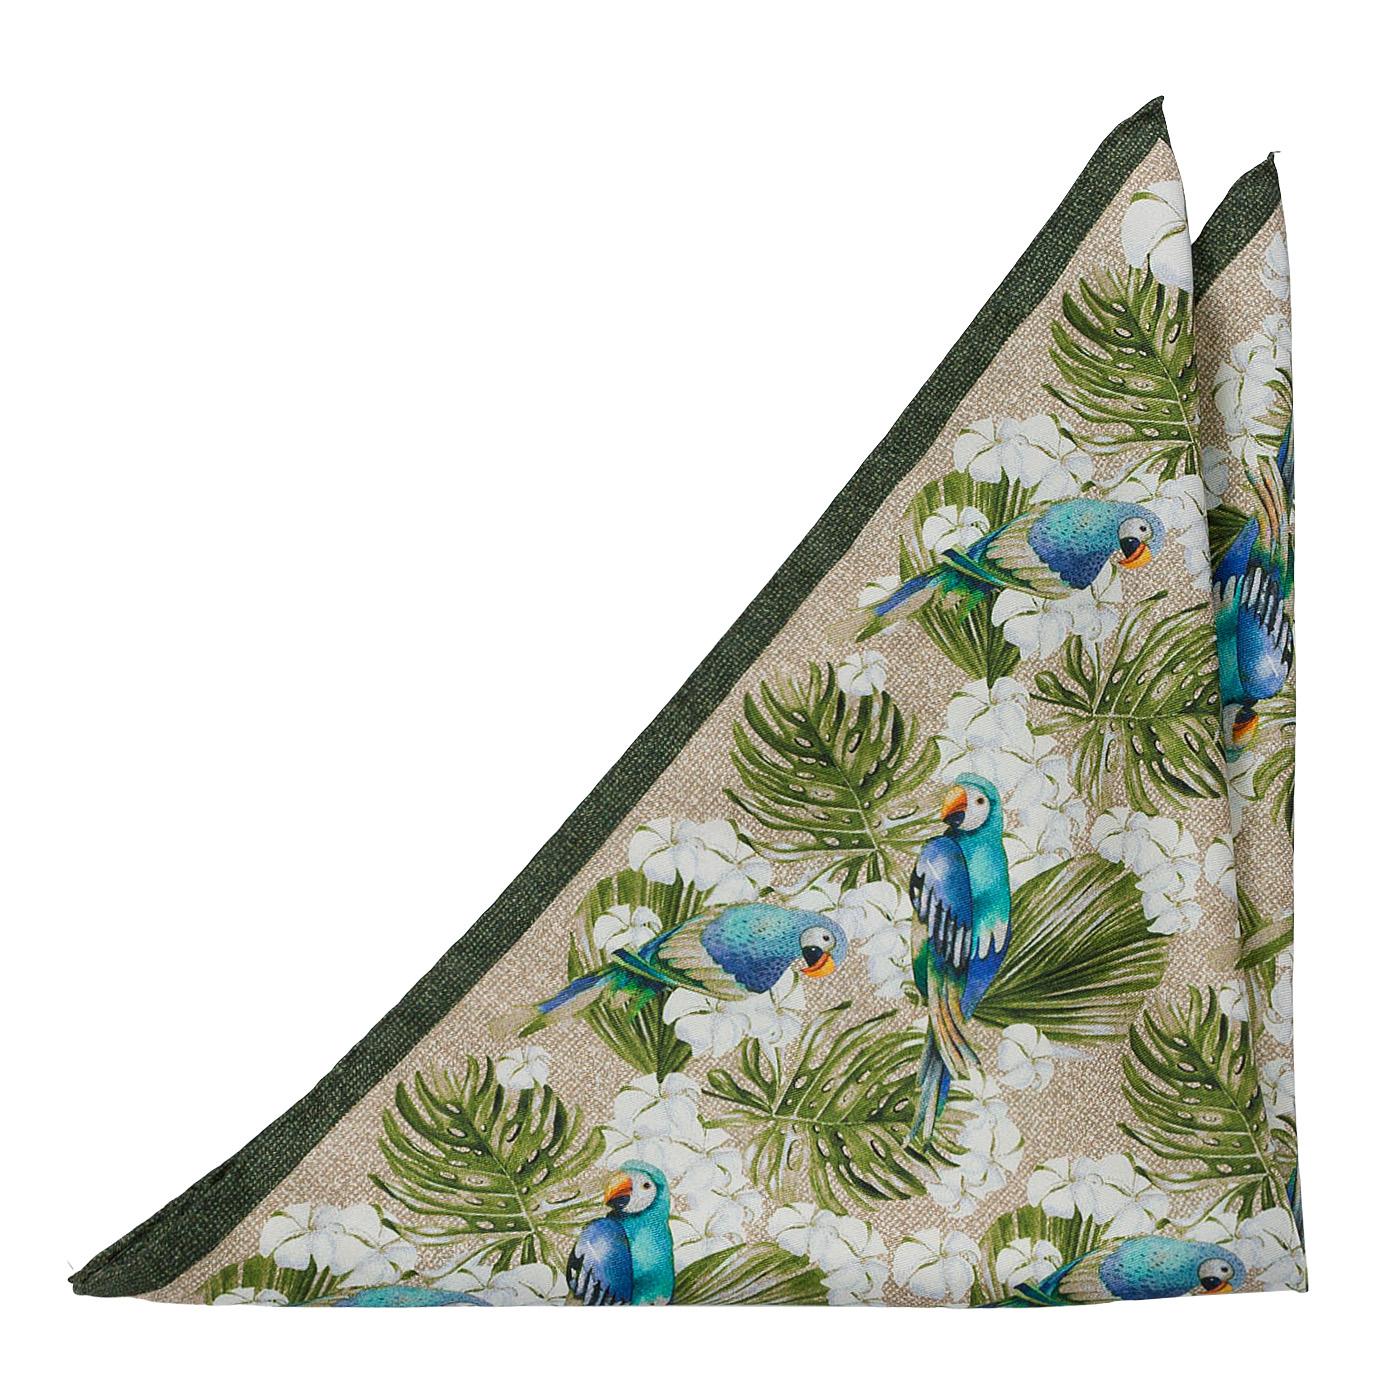 Bröstnäsduk i Siden - Blå papegojor och lövverk på khaki-beige bakgrund